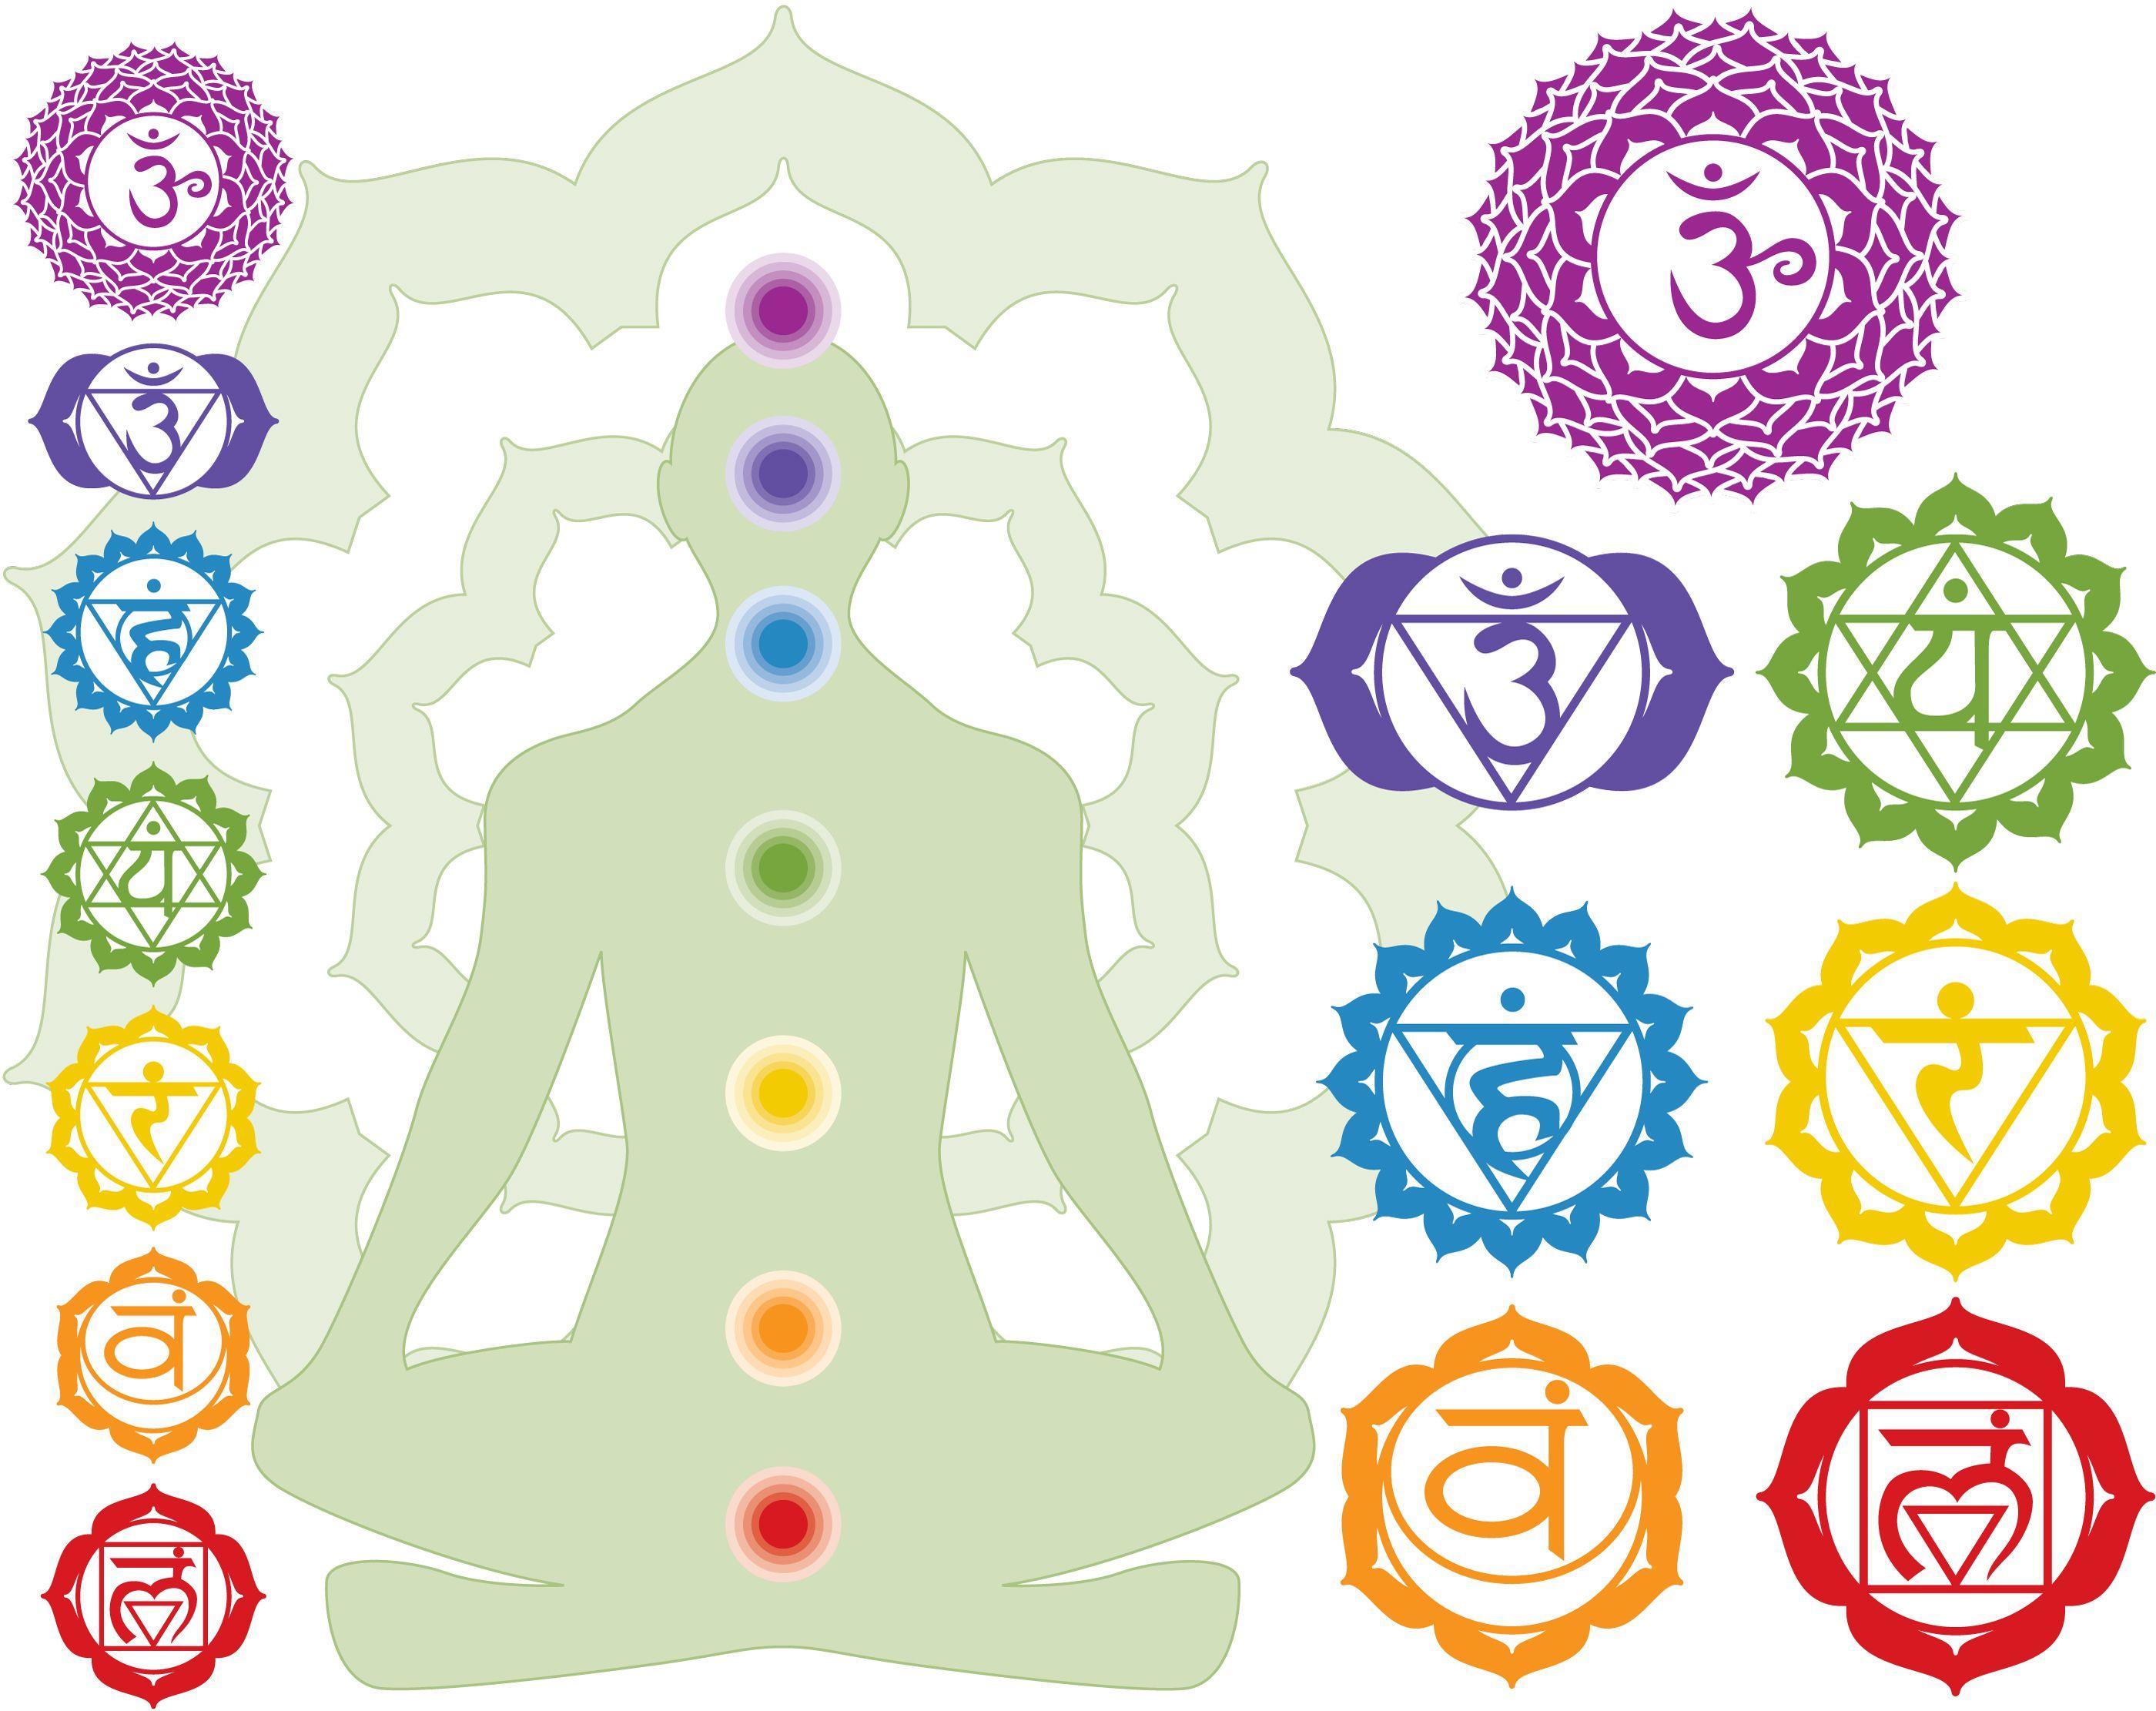 About chakras chakra chakras and chakra symbols about chakras buycottarizona Image collections